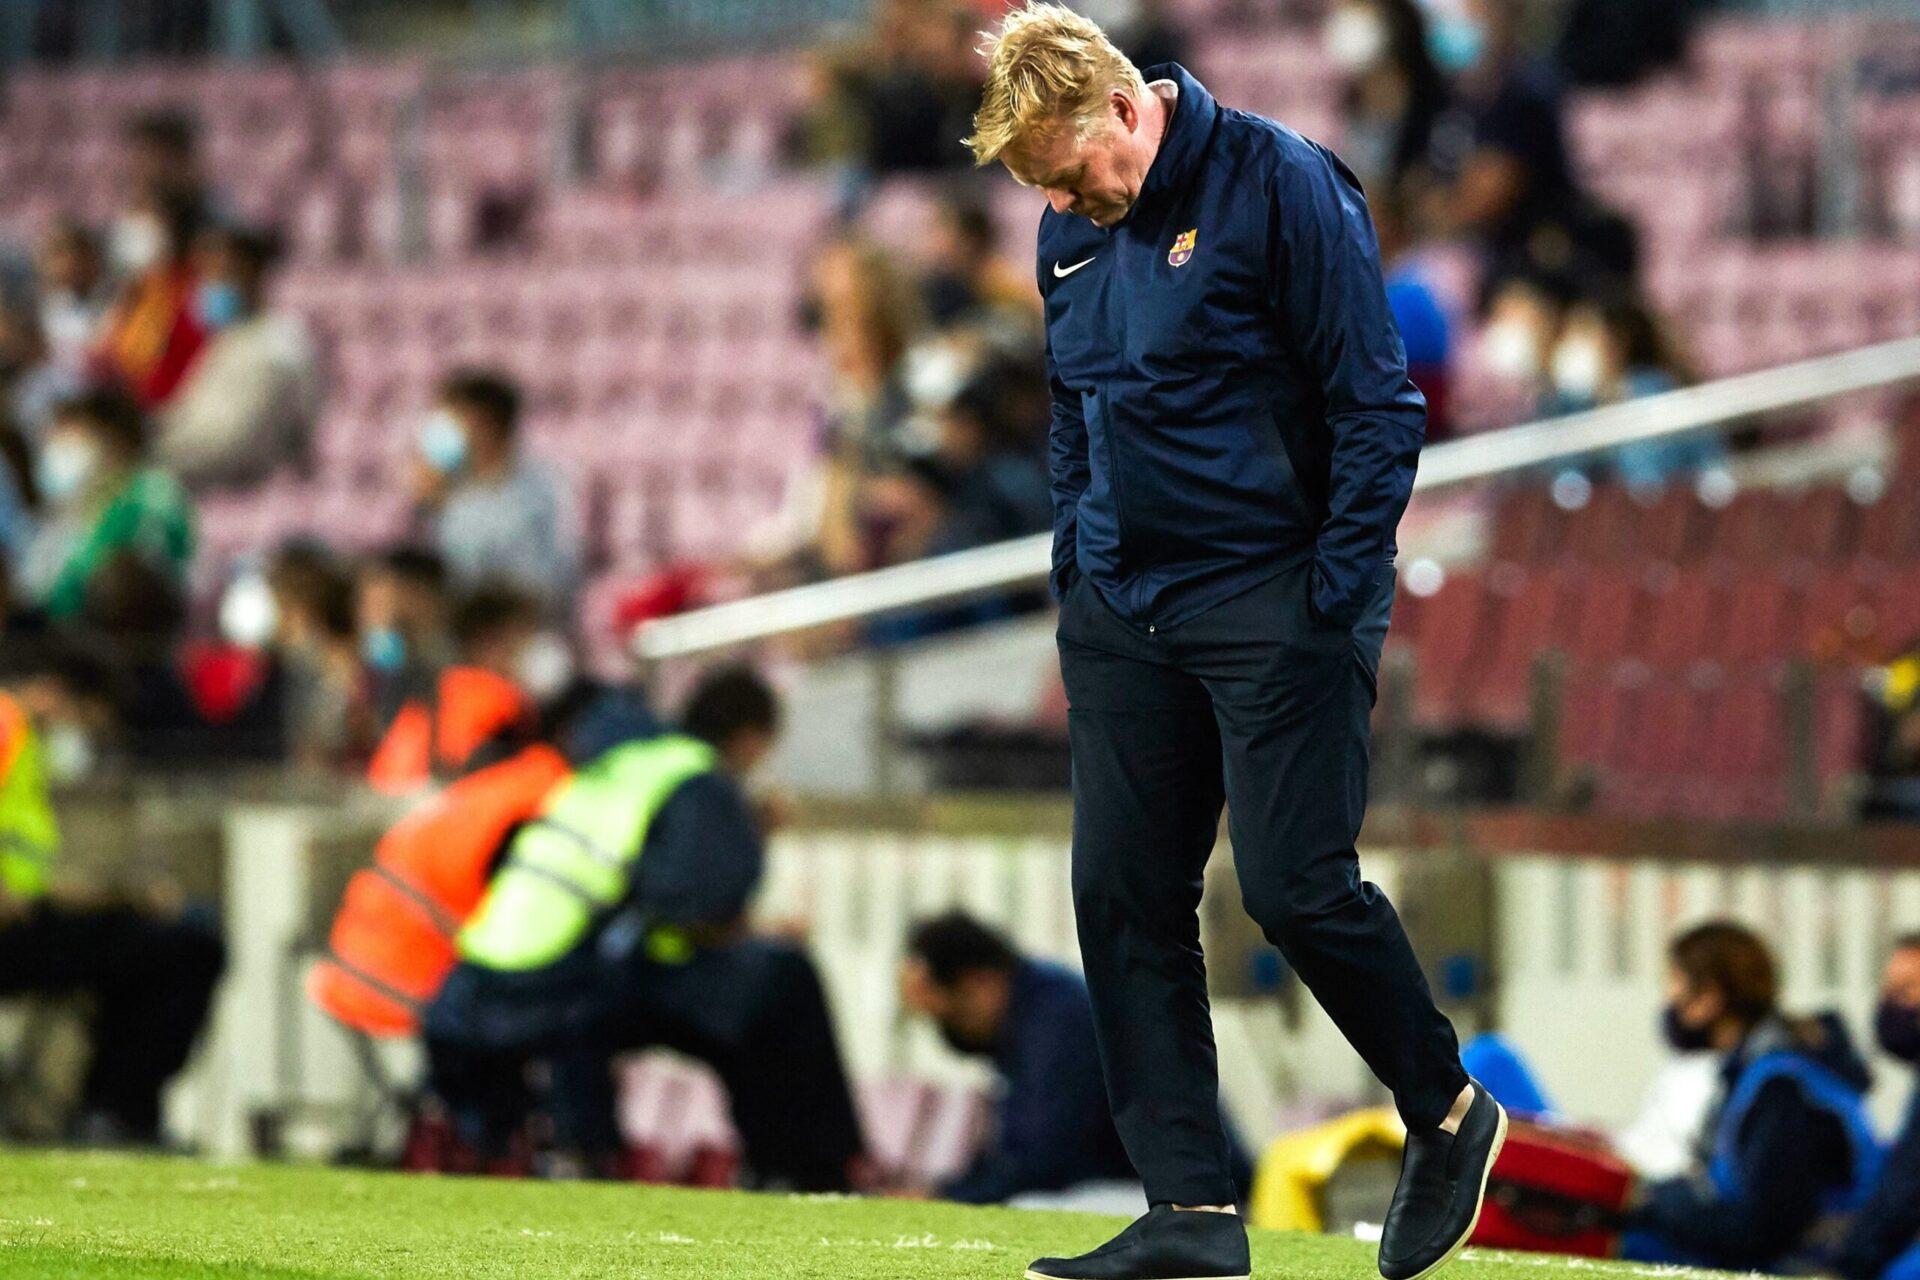 Le prochain match de Koeman à la tête du Barça pourrait décider de son futur (iconsport)